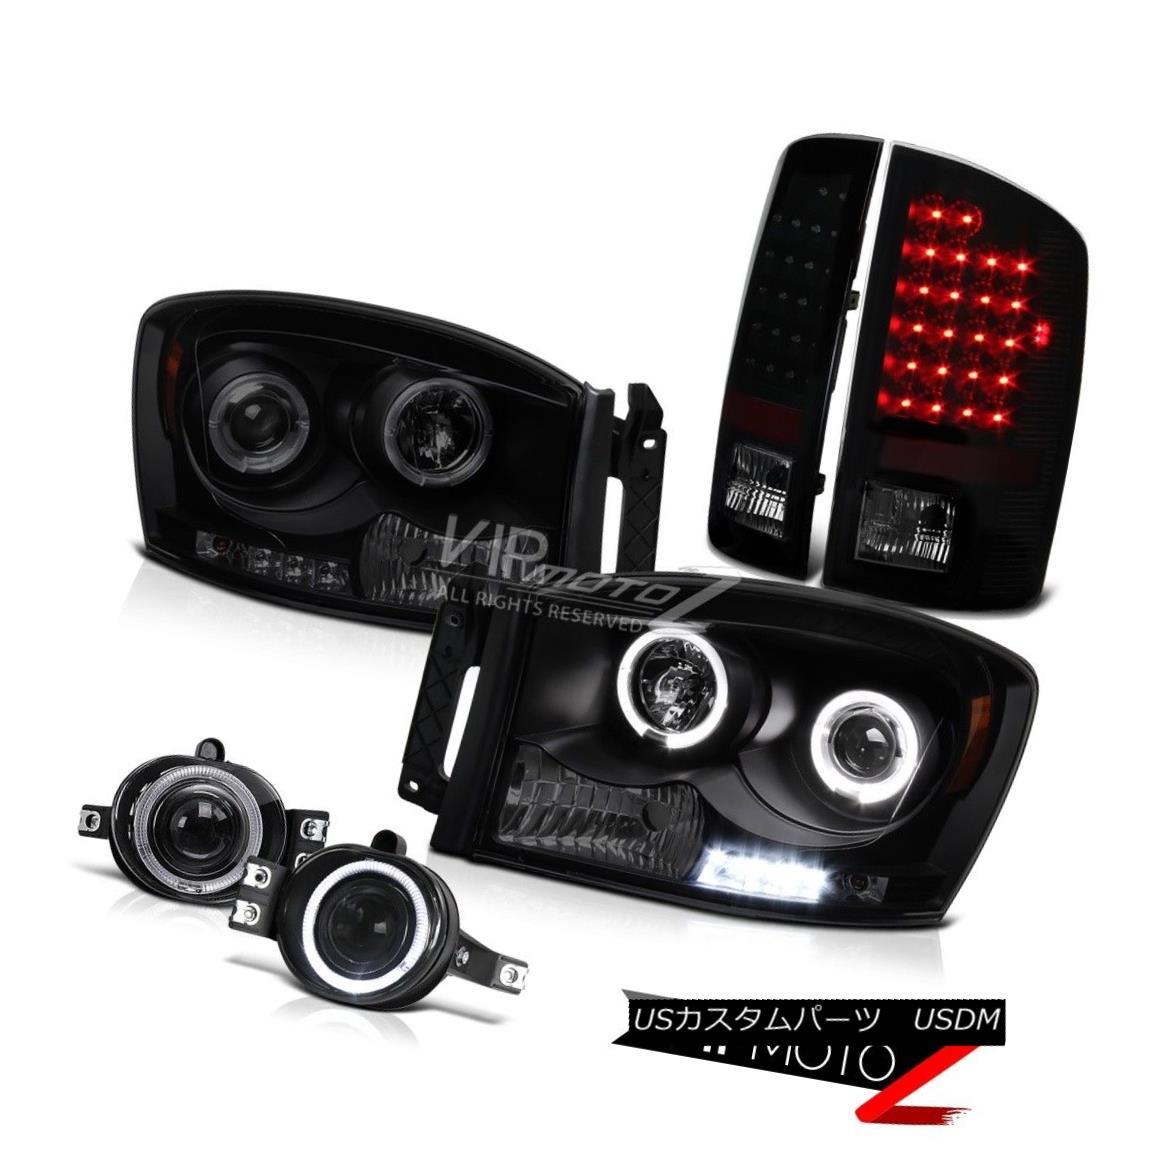 ヘッドライト 2006 Ram 2500 4x4 SMD DRL Sinister Black Headlight Clear Foglight LED Tail Light 2006 Ram 2500 4x4 SMD DRL灰色のヘッドライトクリアFoglight LEDテールライト